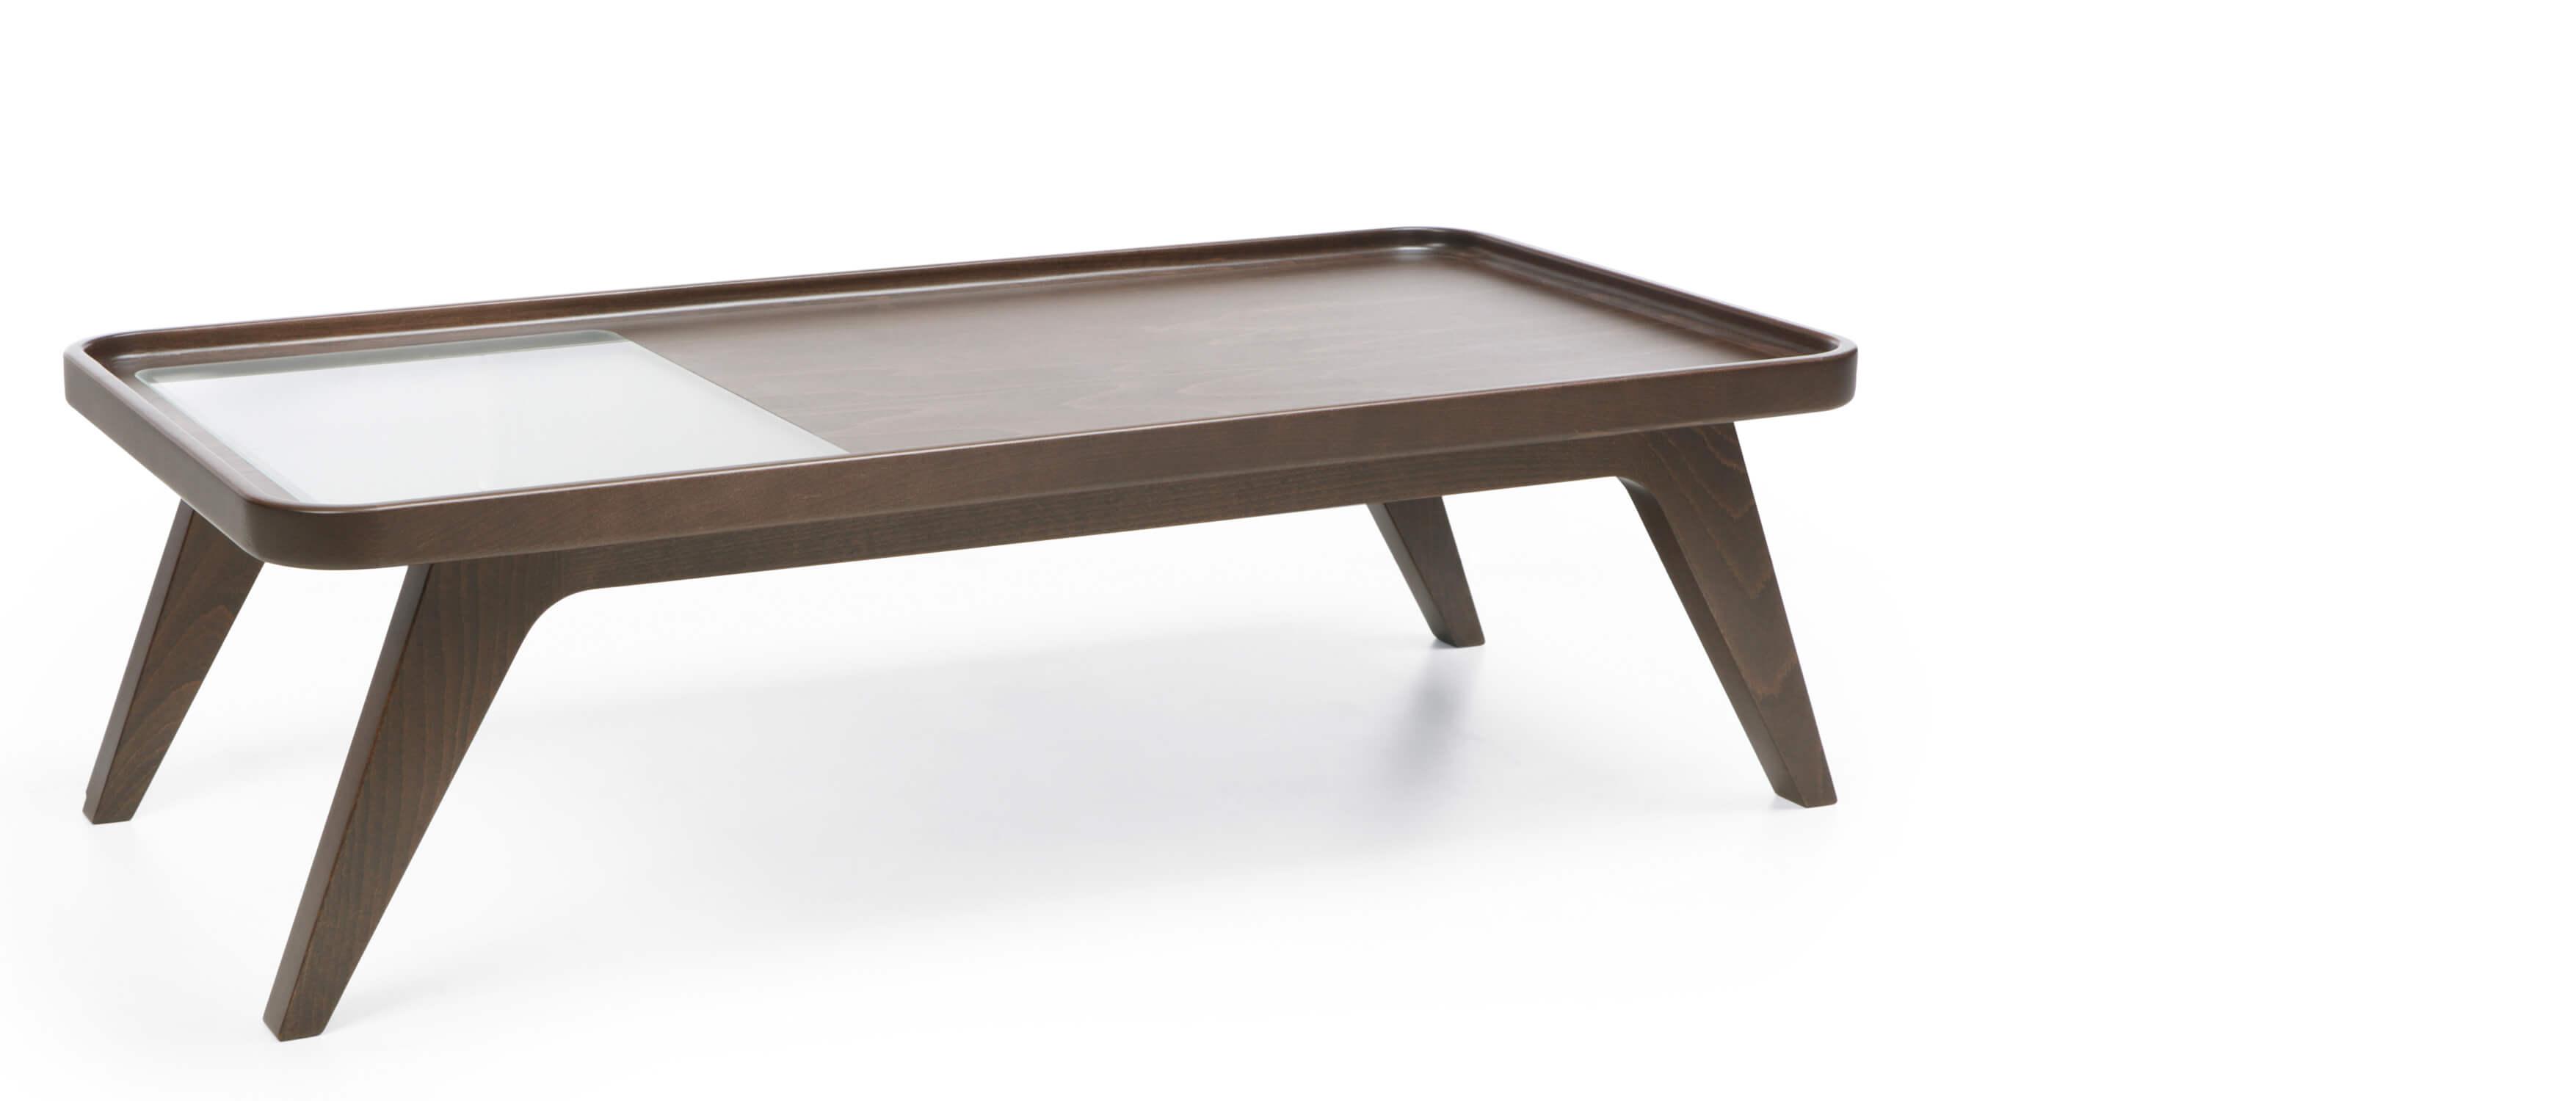 table basse plateau et pieds bois avec verre trempe en option oc